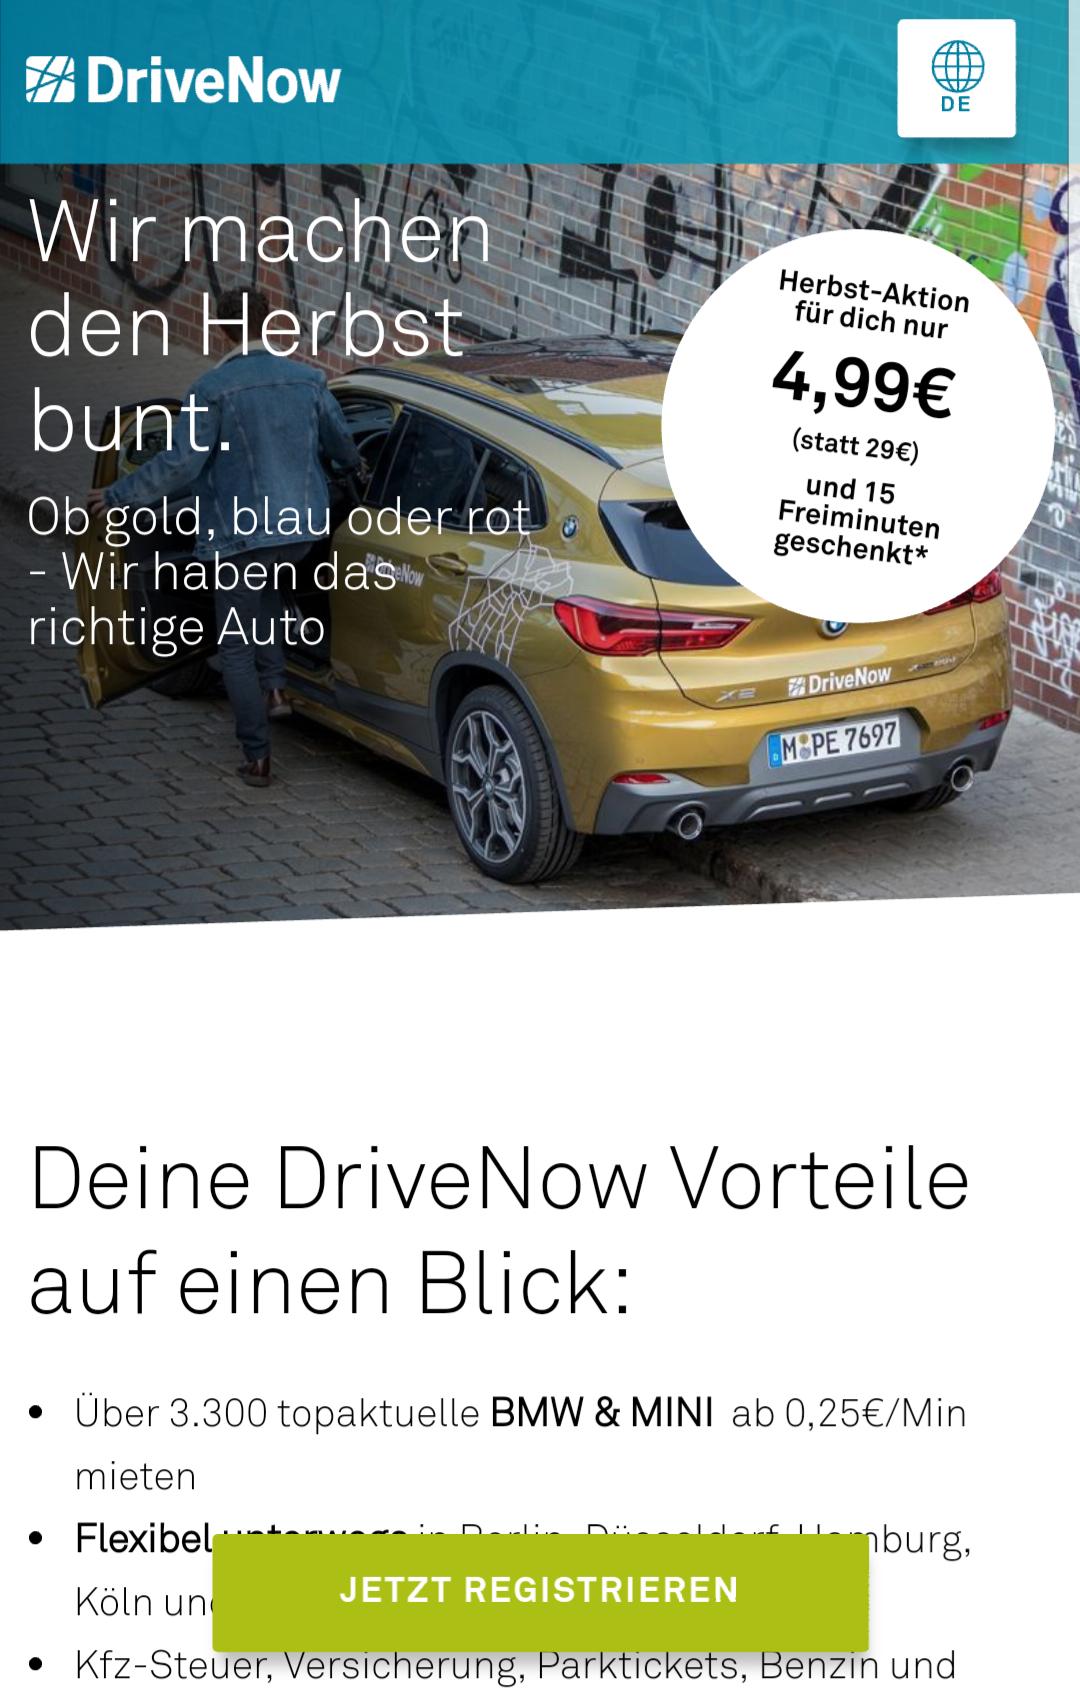 DriveNow Anmeldung für 4,99€ (statt 29€) inkl. 15 Freiminuten (+ Shoop 1,50€ Cashback)